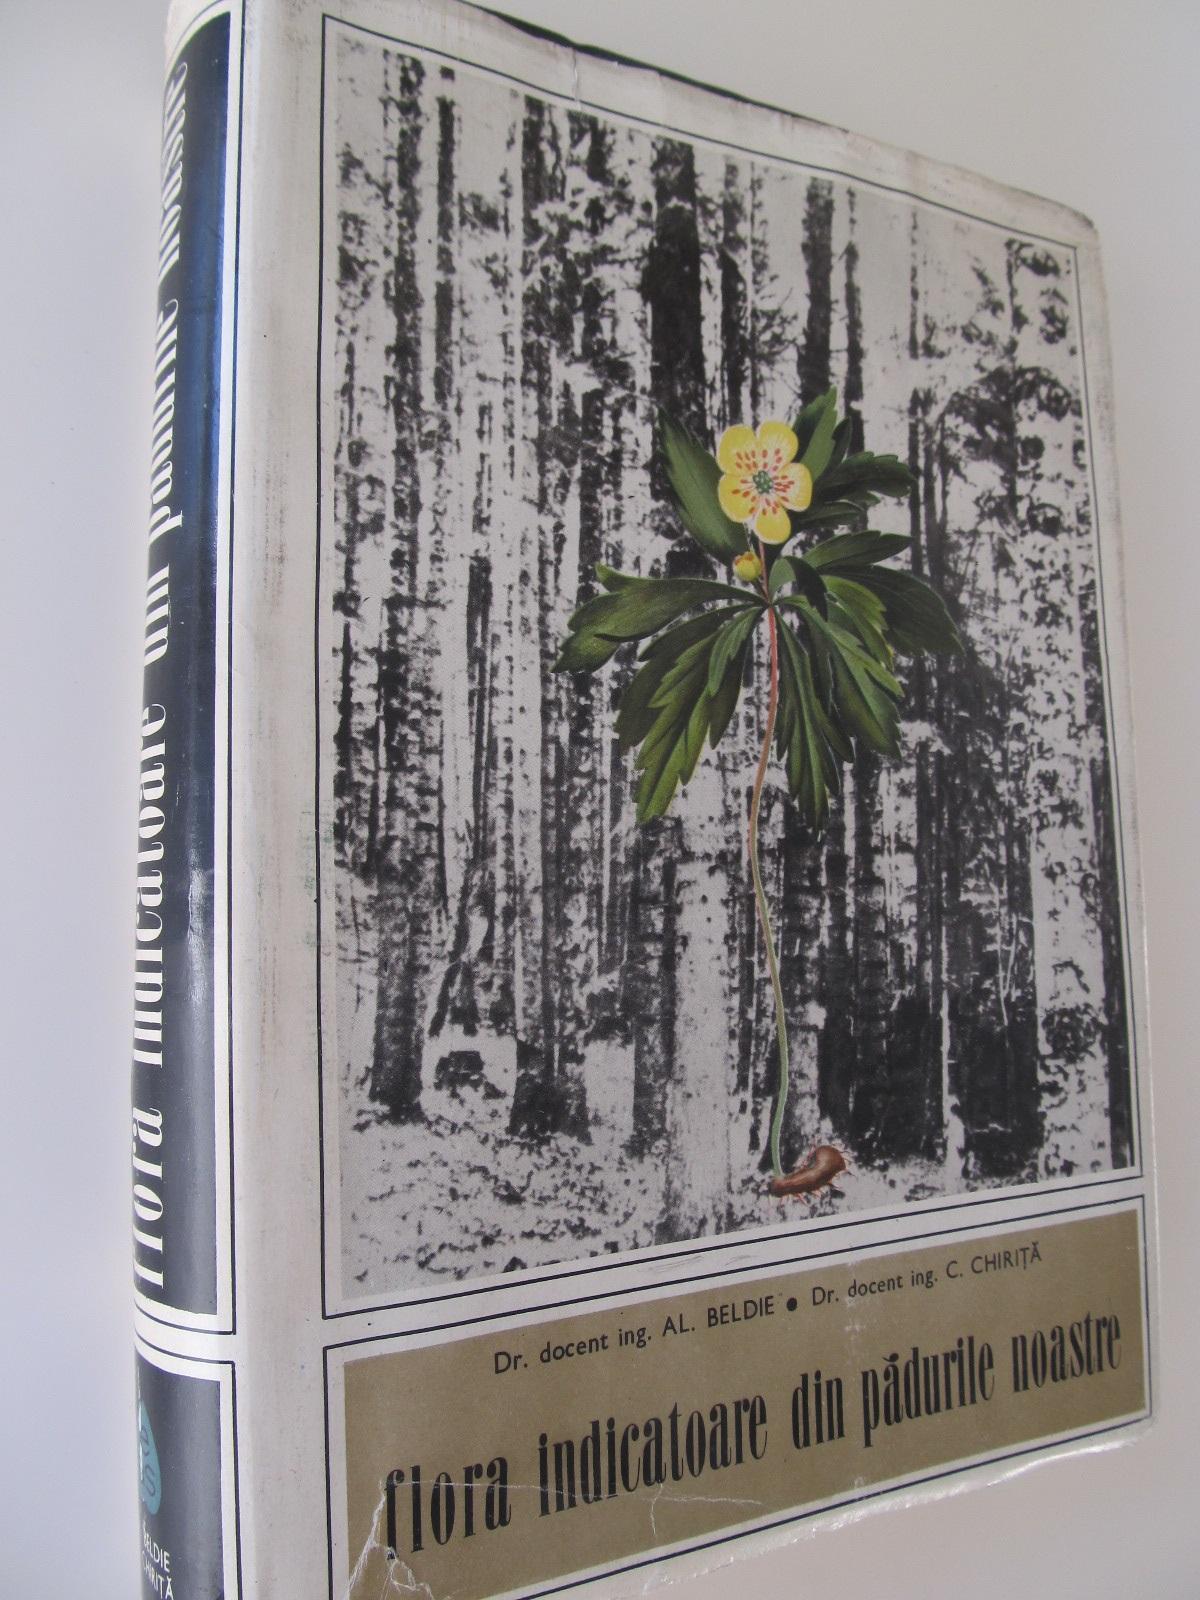 Carte Flora indicatoare din padurile noastre - Al. Beldie , C. Chirita